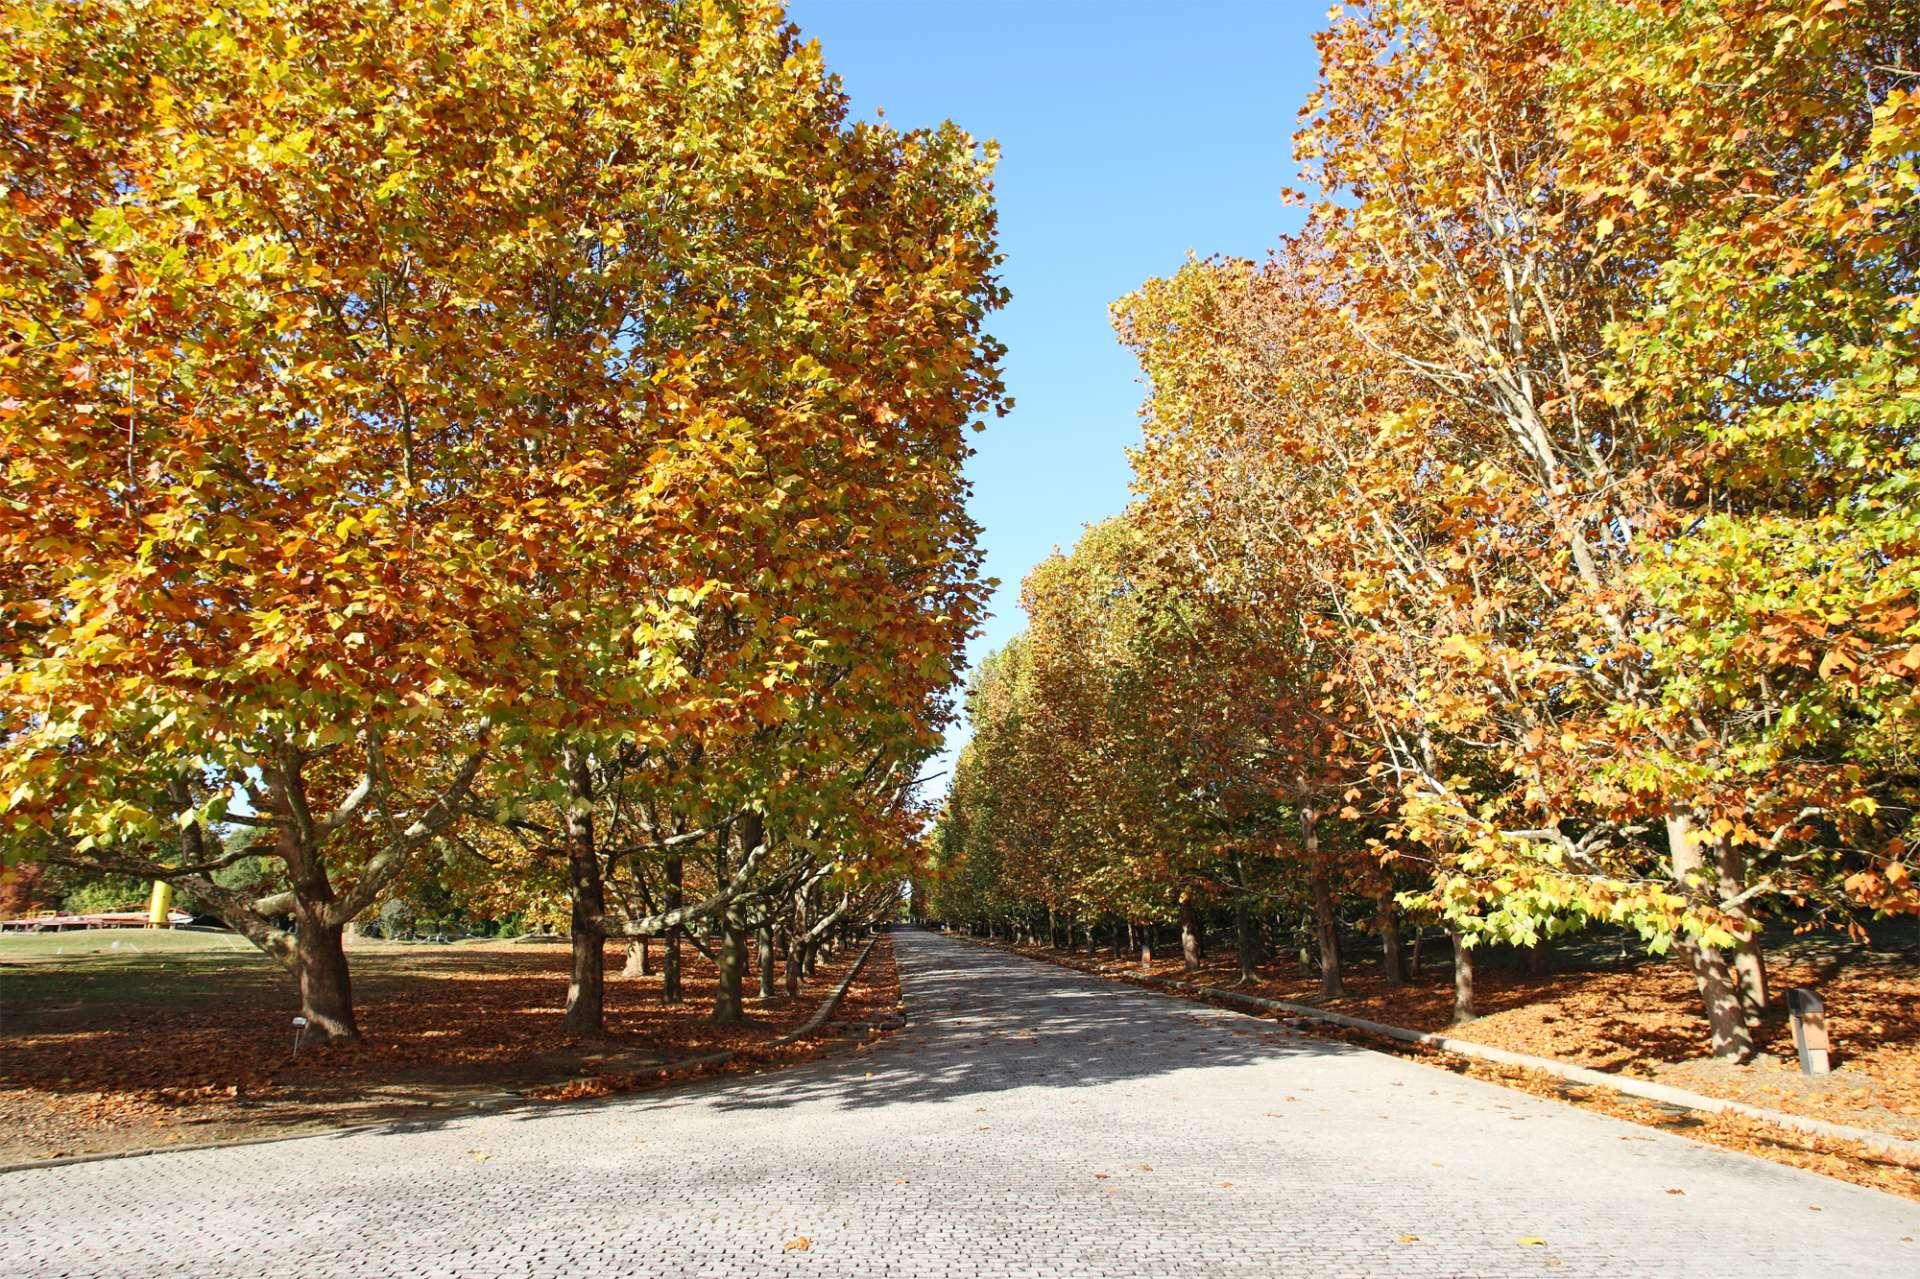 一大片被染成黃色的懸鈴木非常壯觀美麗(地點:西大路)